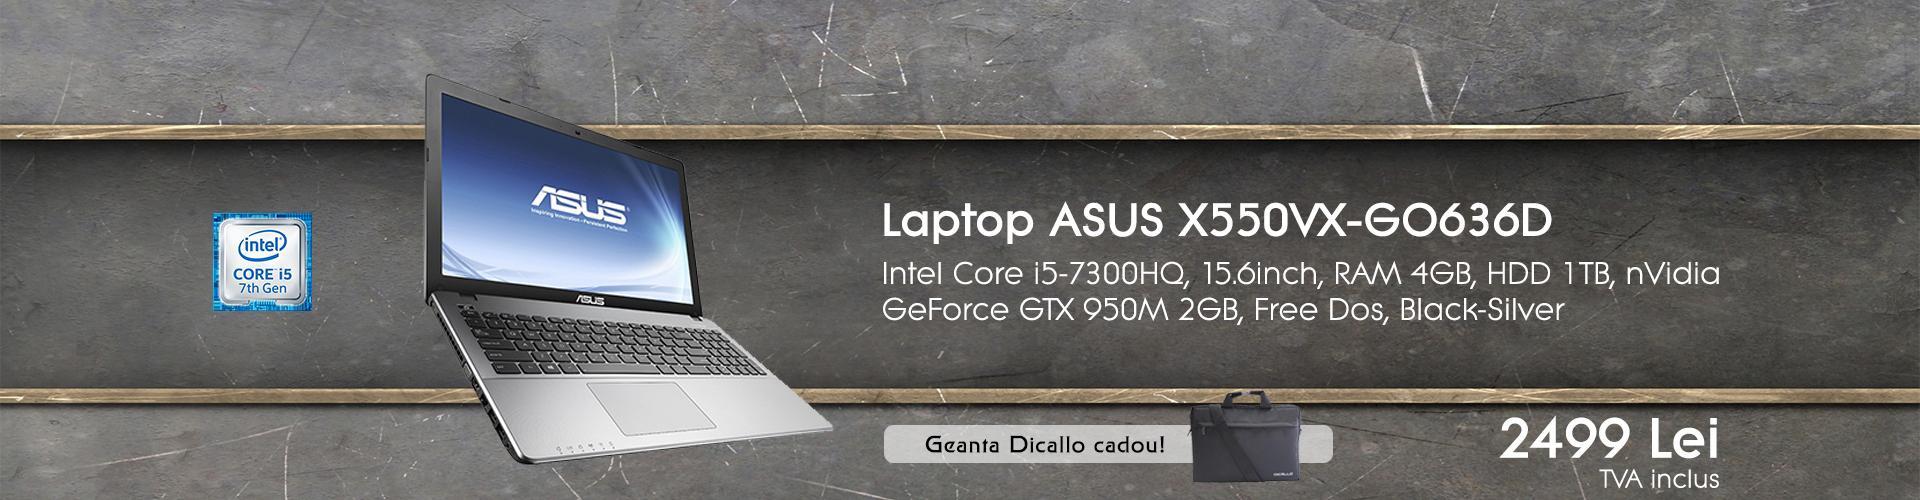 X550VX-GO636D